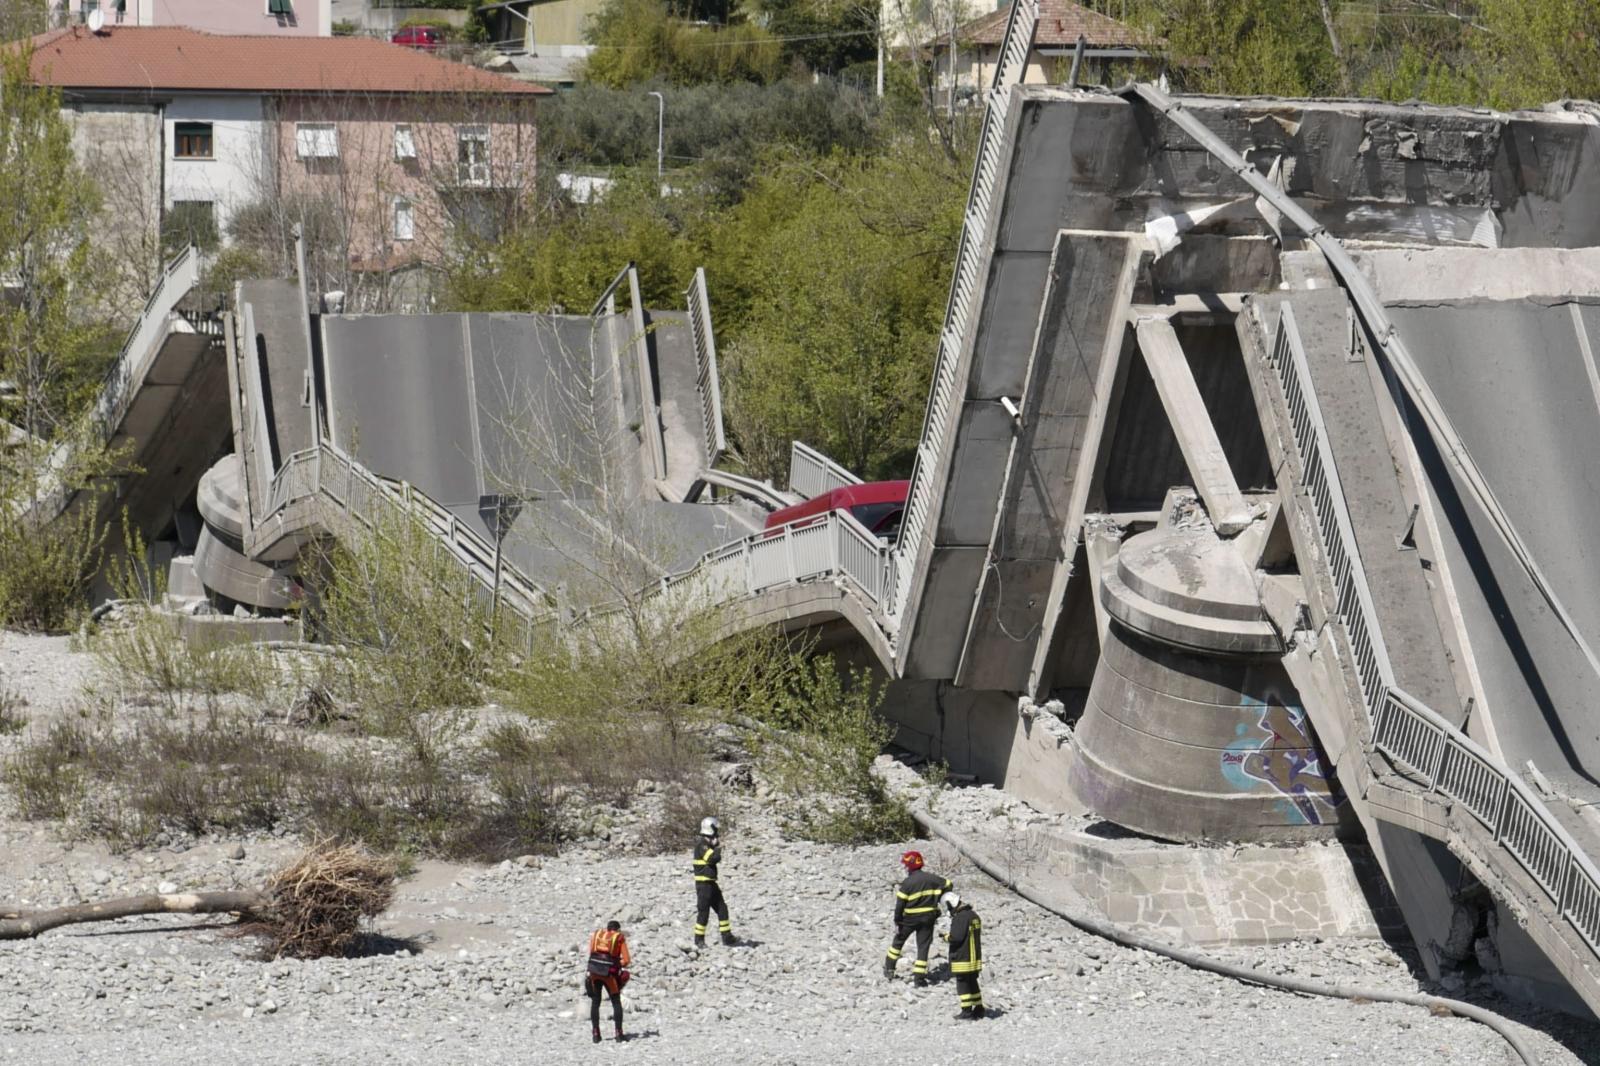 Włochy - zawalił się most  EPA/Riccardo Dalle Luche